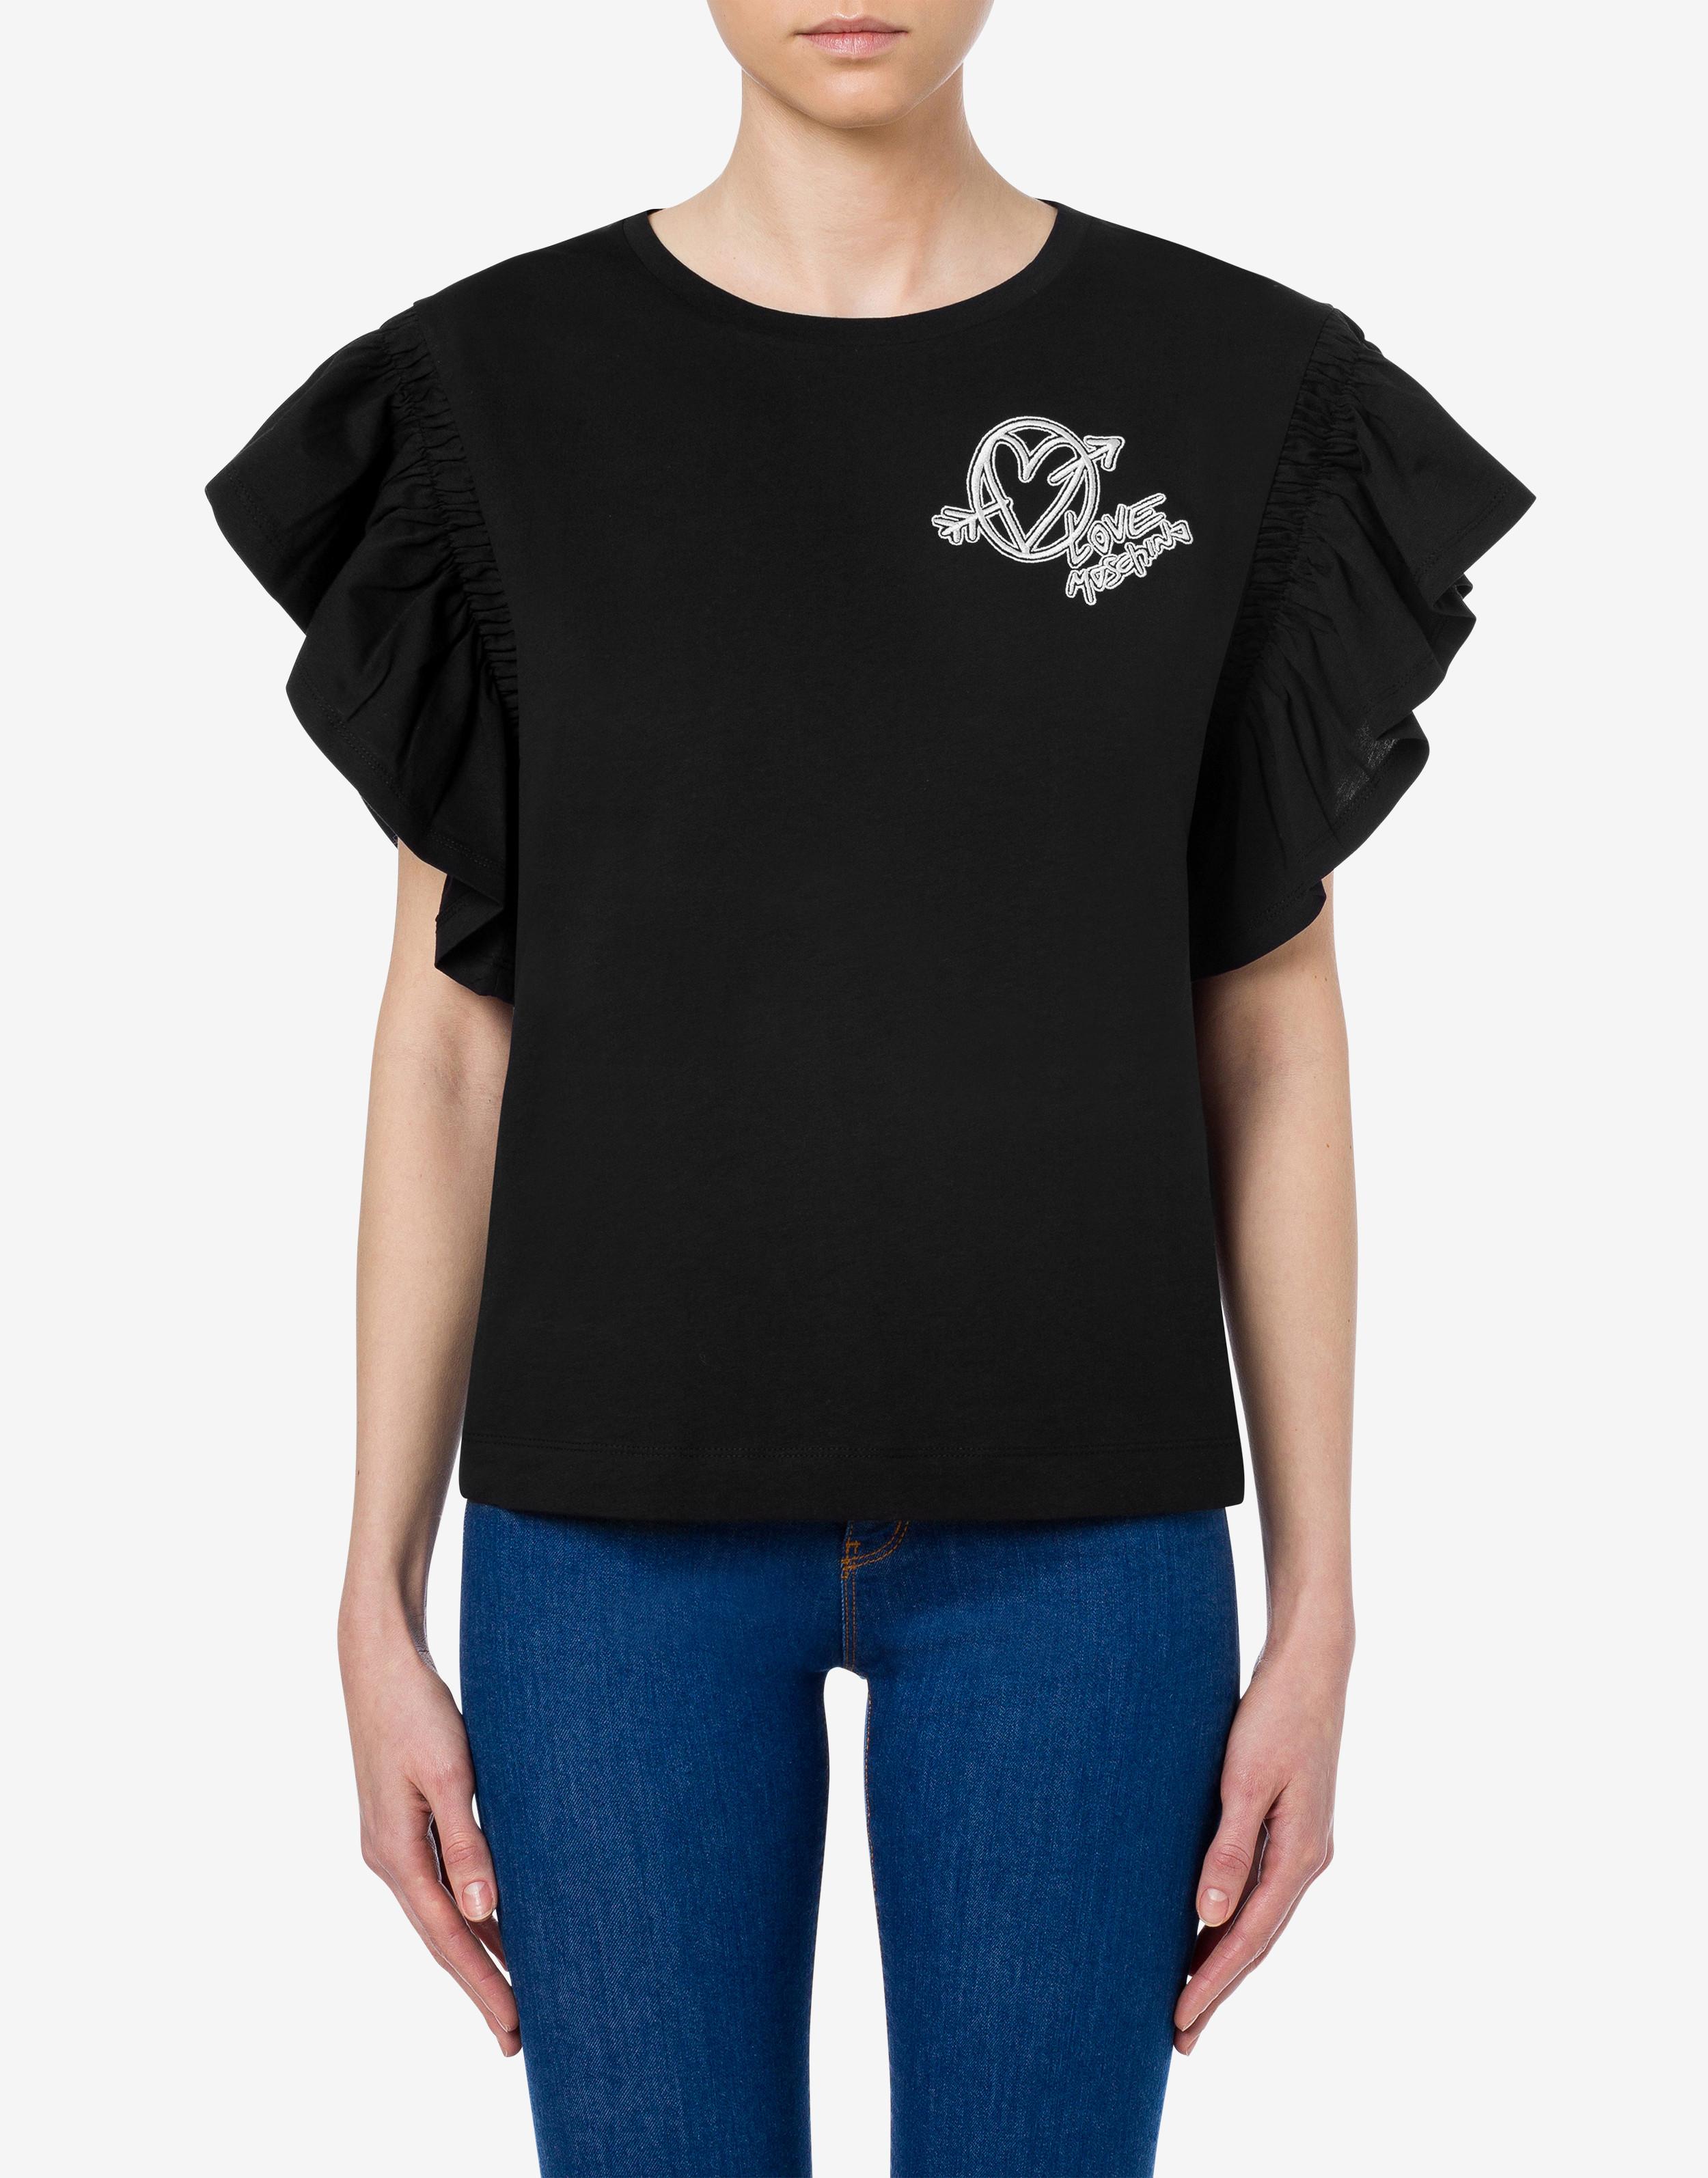 LOVE MOSCHINO   T-Shirts   W4H41 01 M3876C74